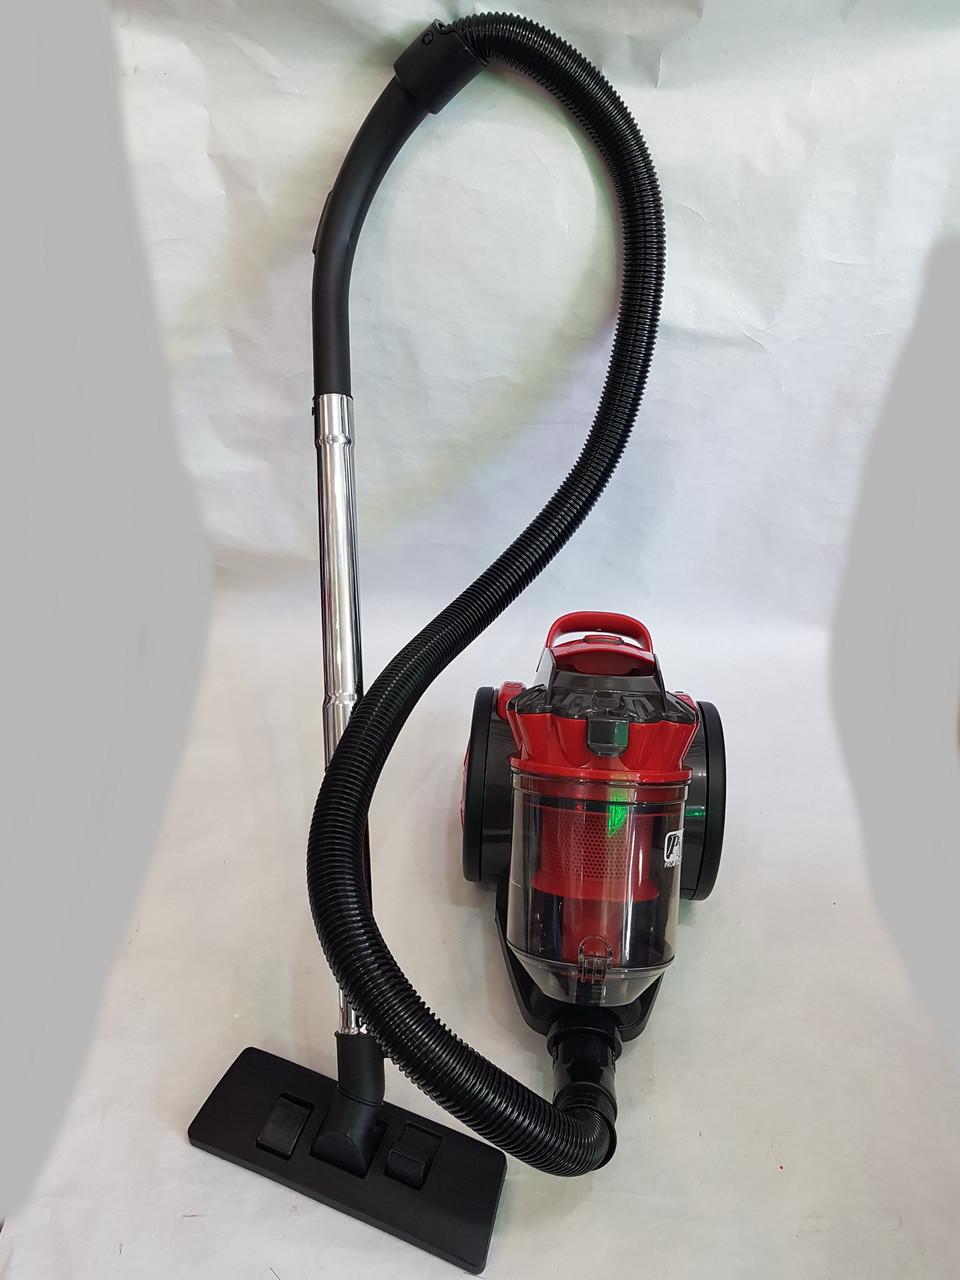 Пылесос Promotec PM-655 3000W циклонный,колбовый пылесос